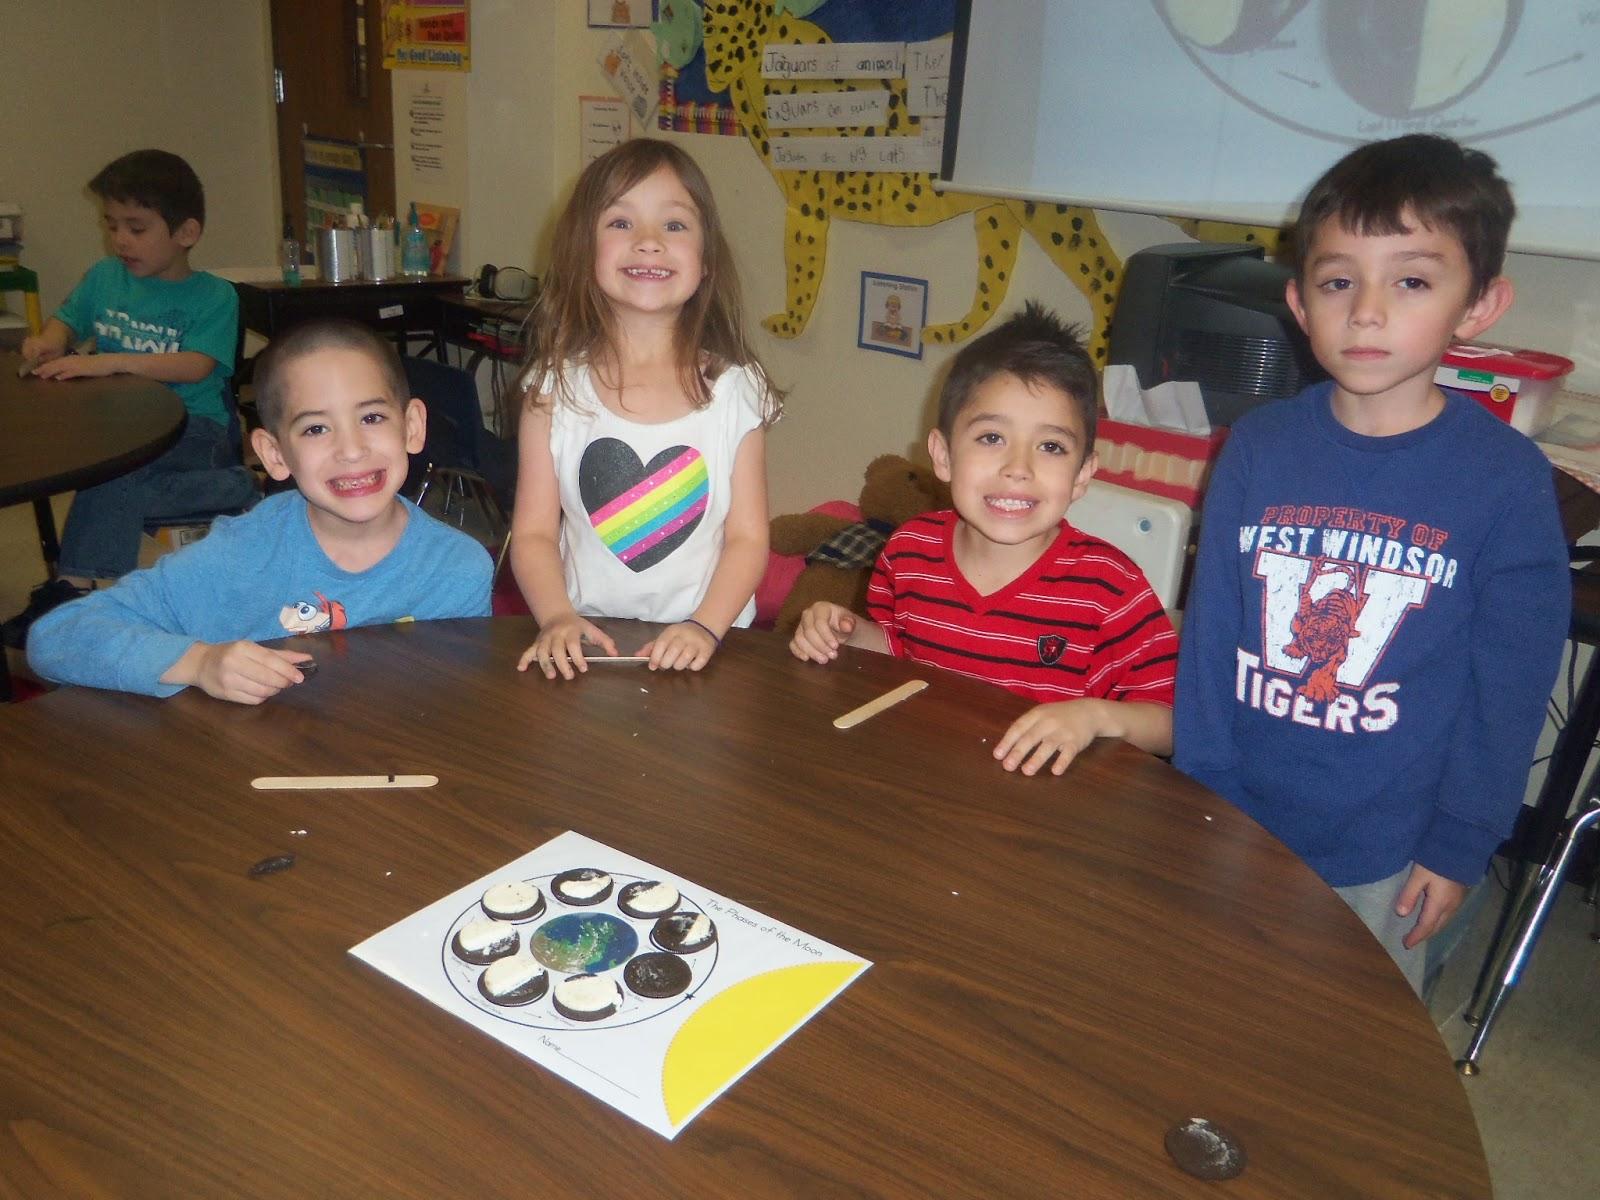 Kinder Garden: Mrs. Wood's Kindergarten Class: Moon Phases